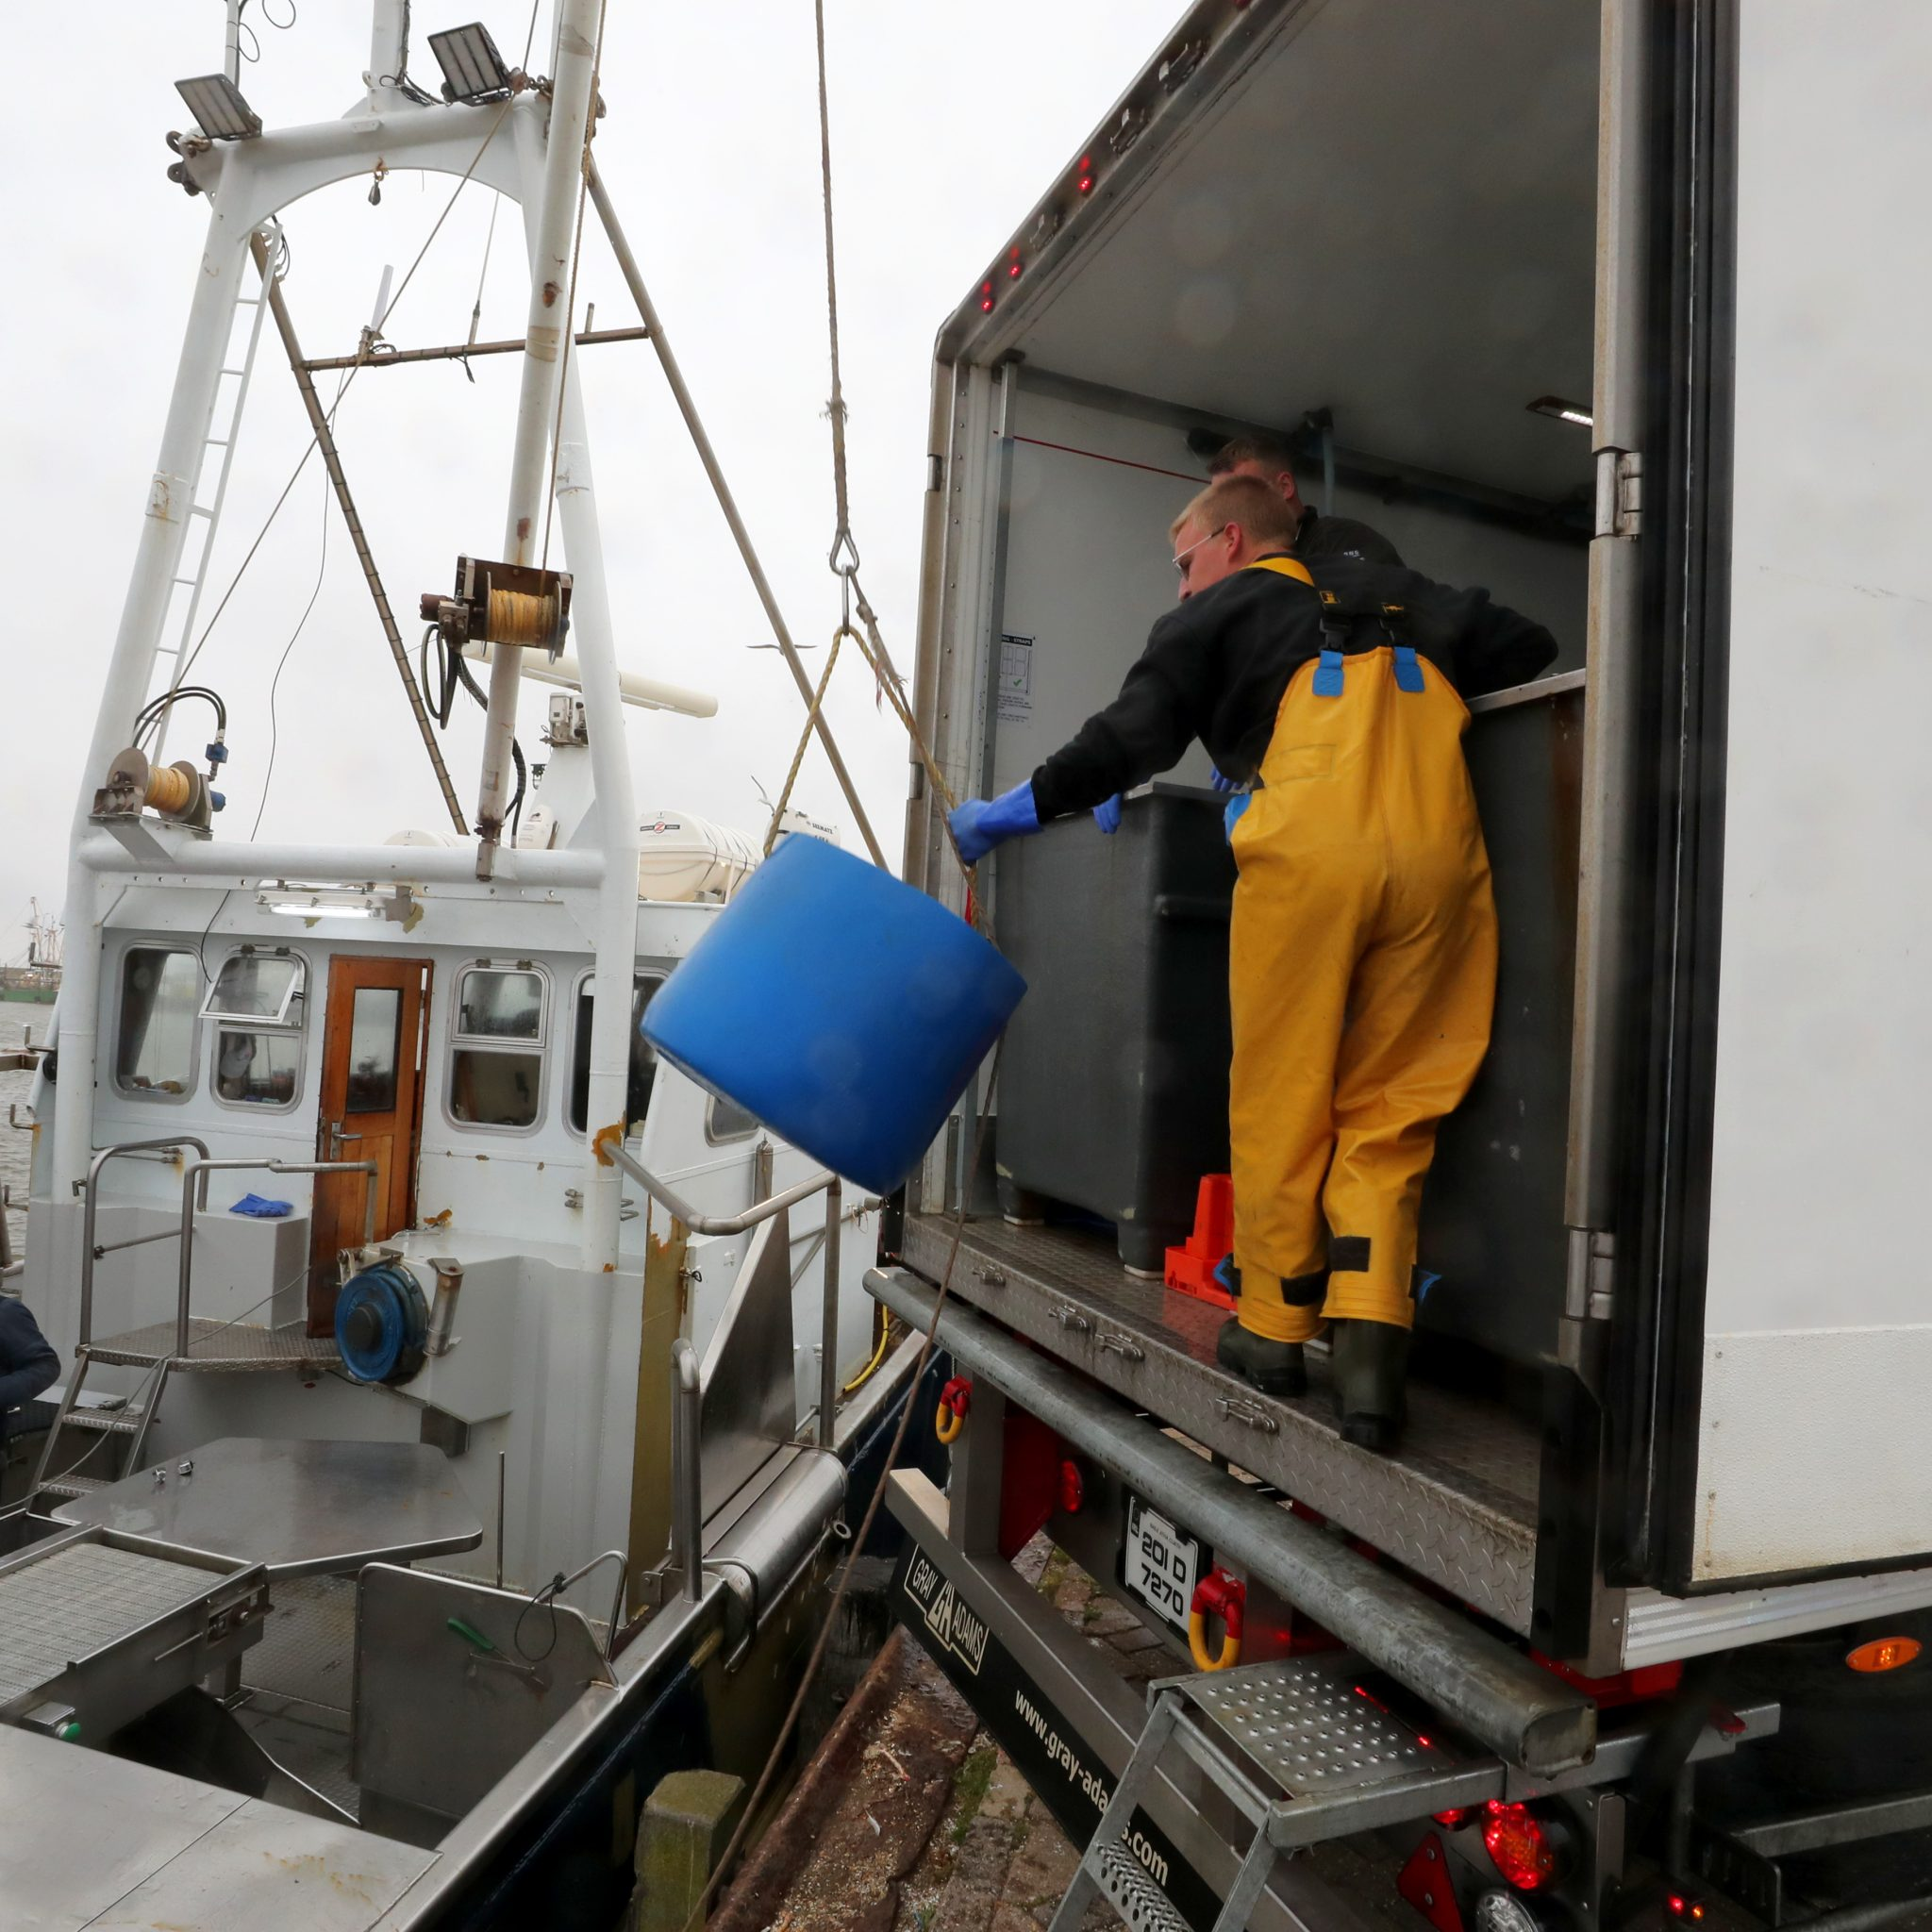 De krabben worden gelost in leeftanks in de vrachtauto, met Pau van Slooten aan dek. (Foto Bram Pronk)